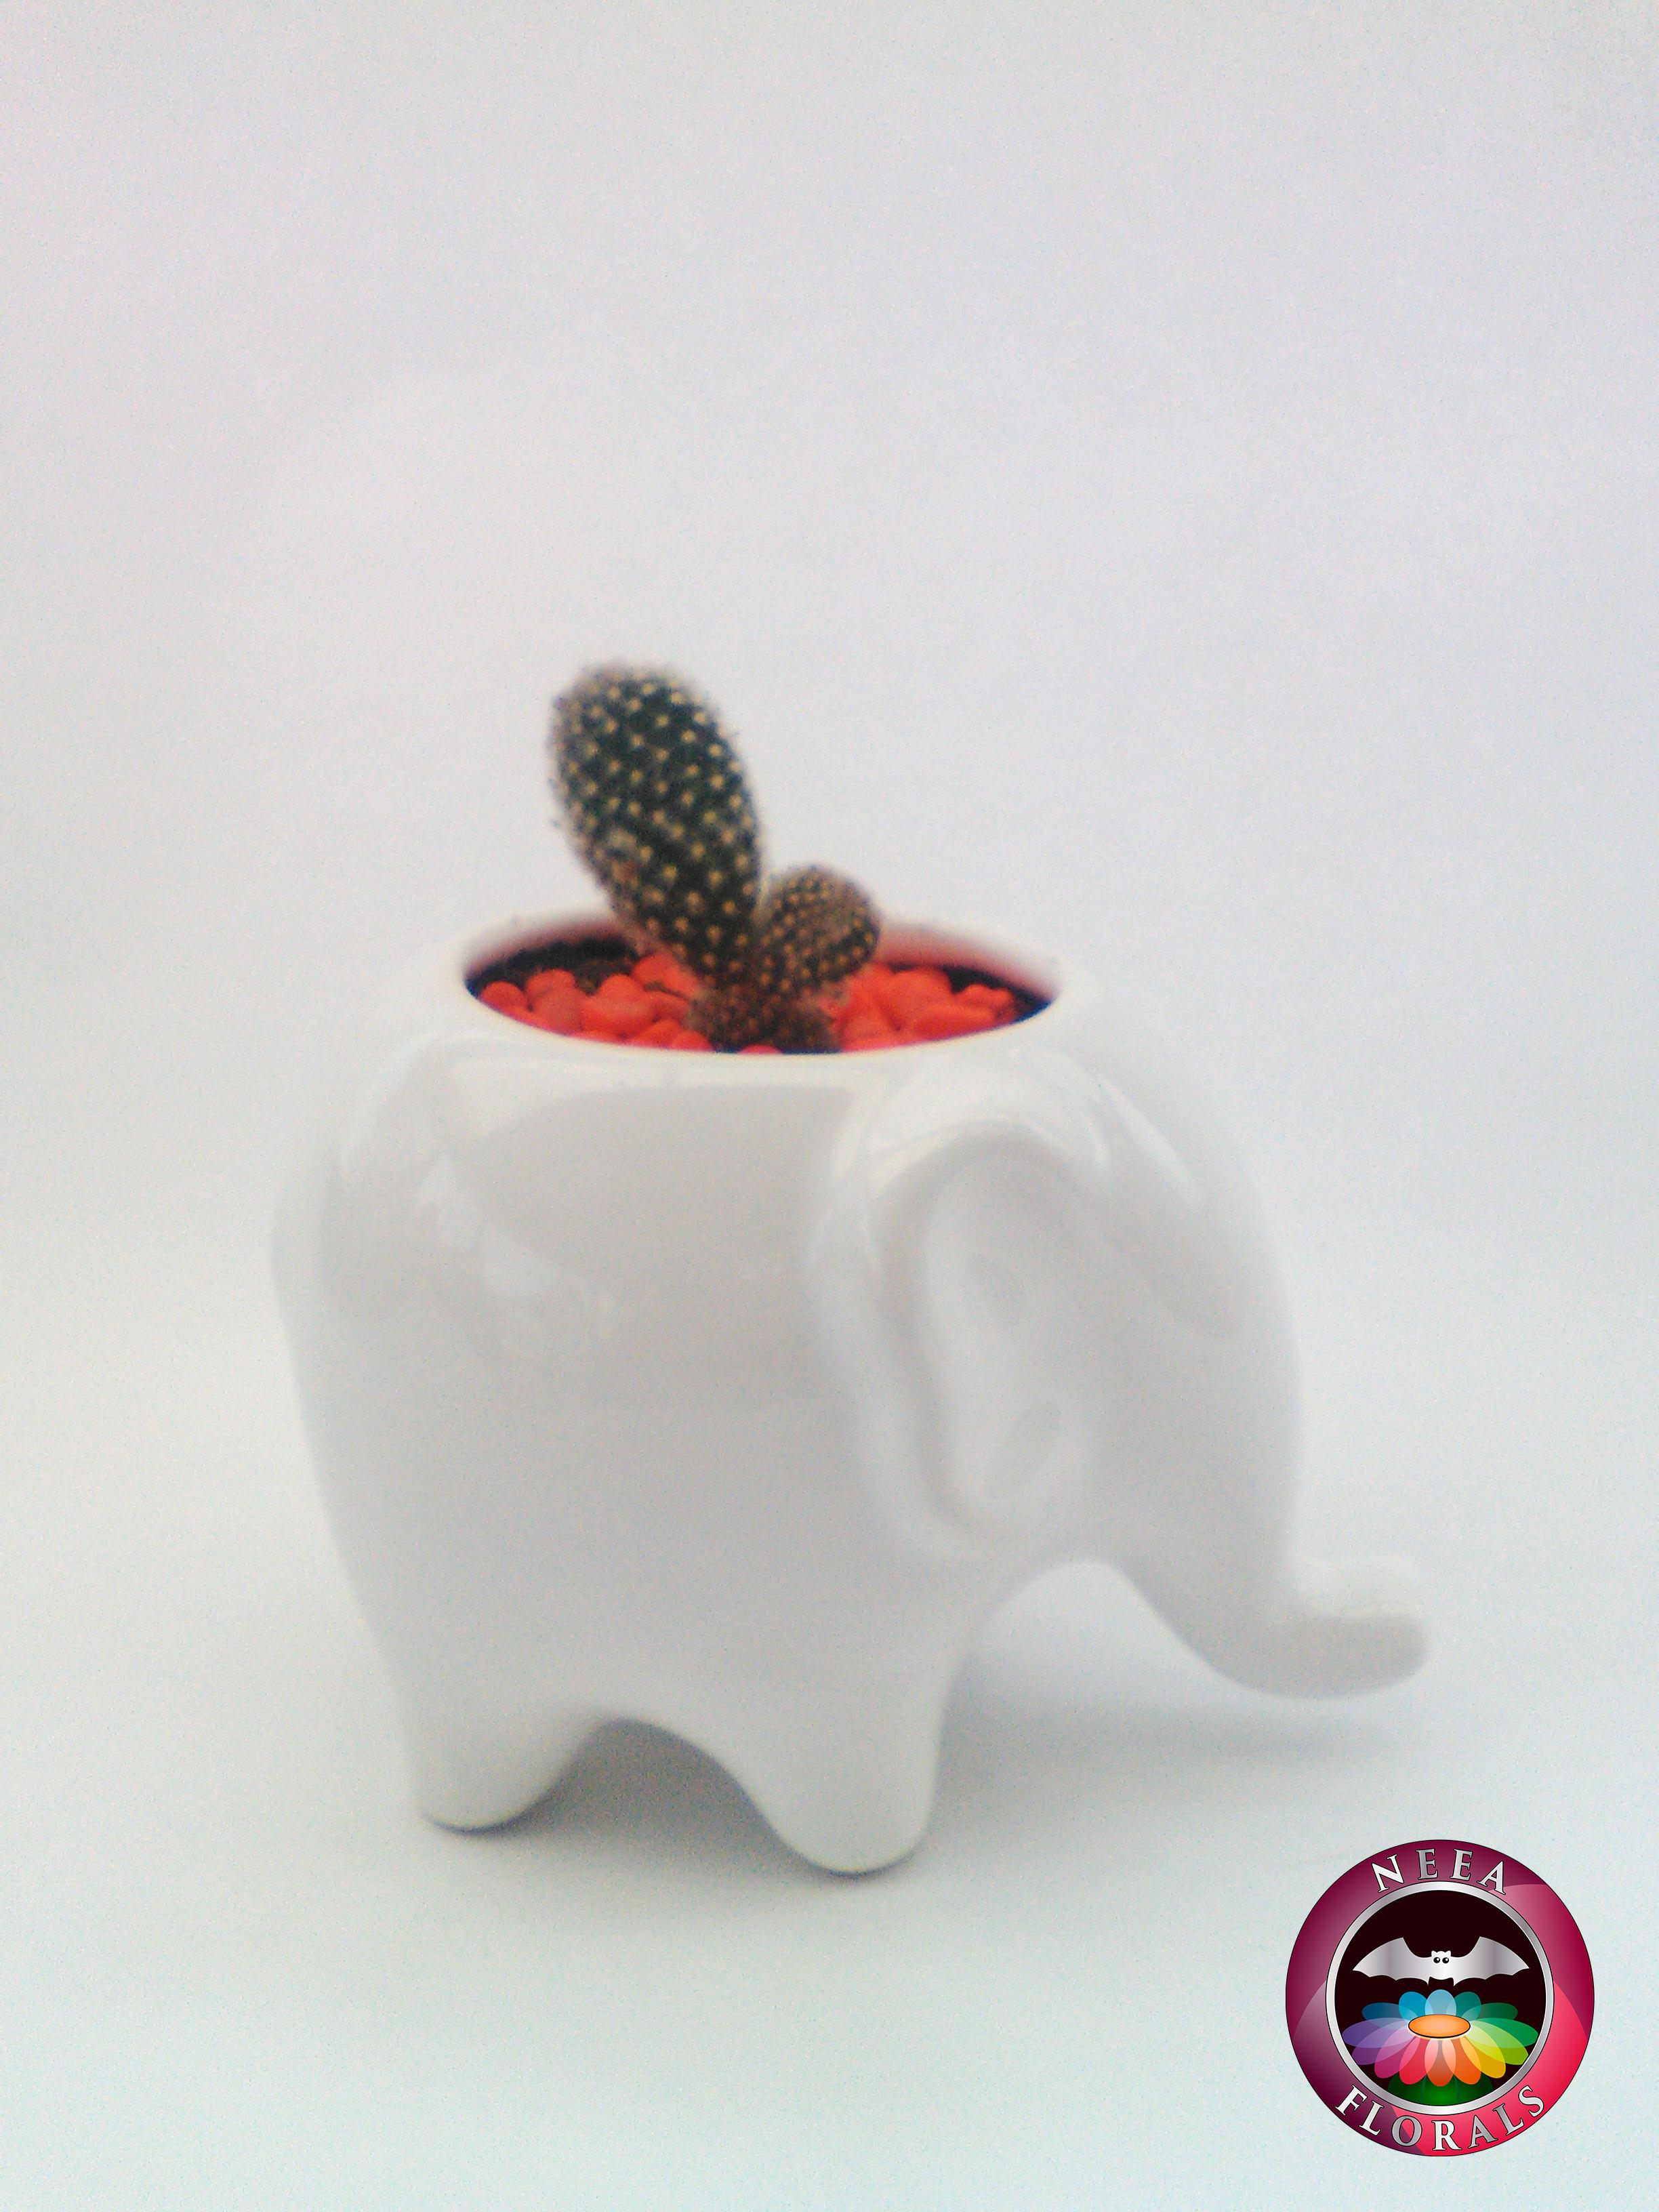 Cactus Blanco en Matera de Cerámica Blanca con forma de Elefante. Catálogo Neea Florals